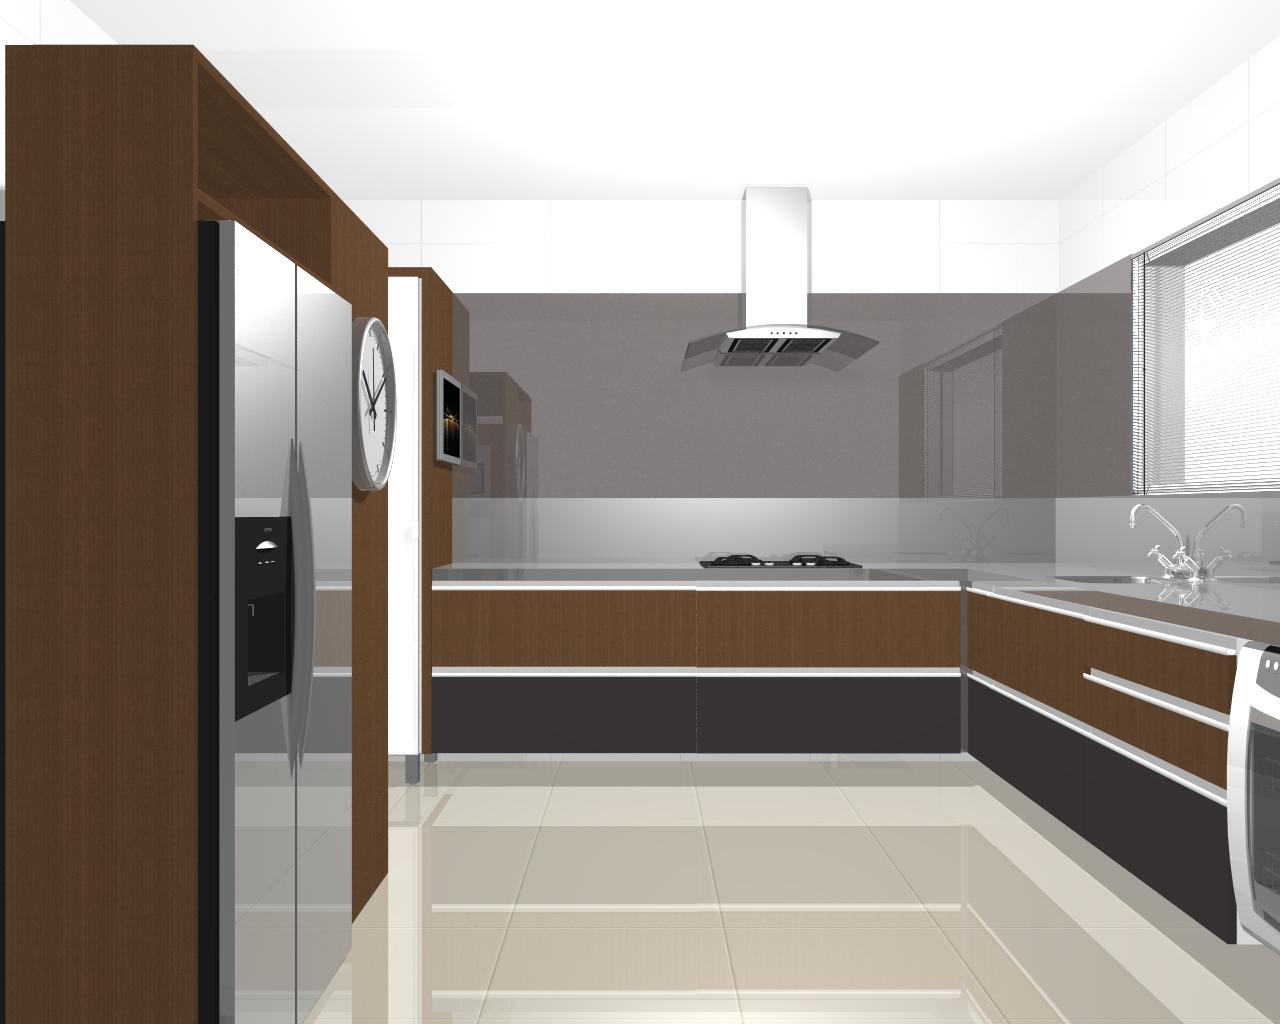 Fernanda Moschetta: Projetos de Interiores Residênciais Cozinhas #5E442F 1280 1024